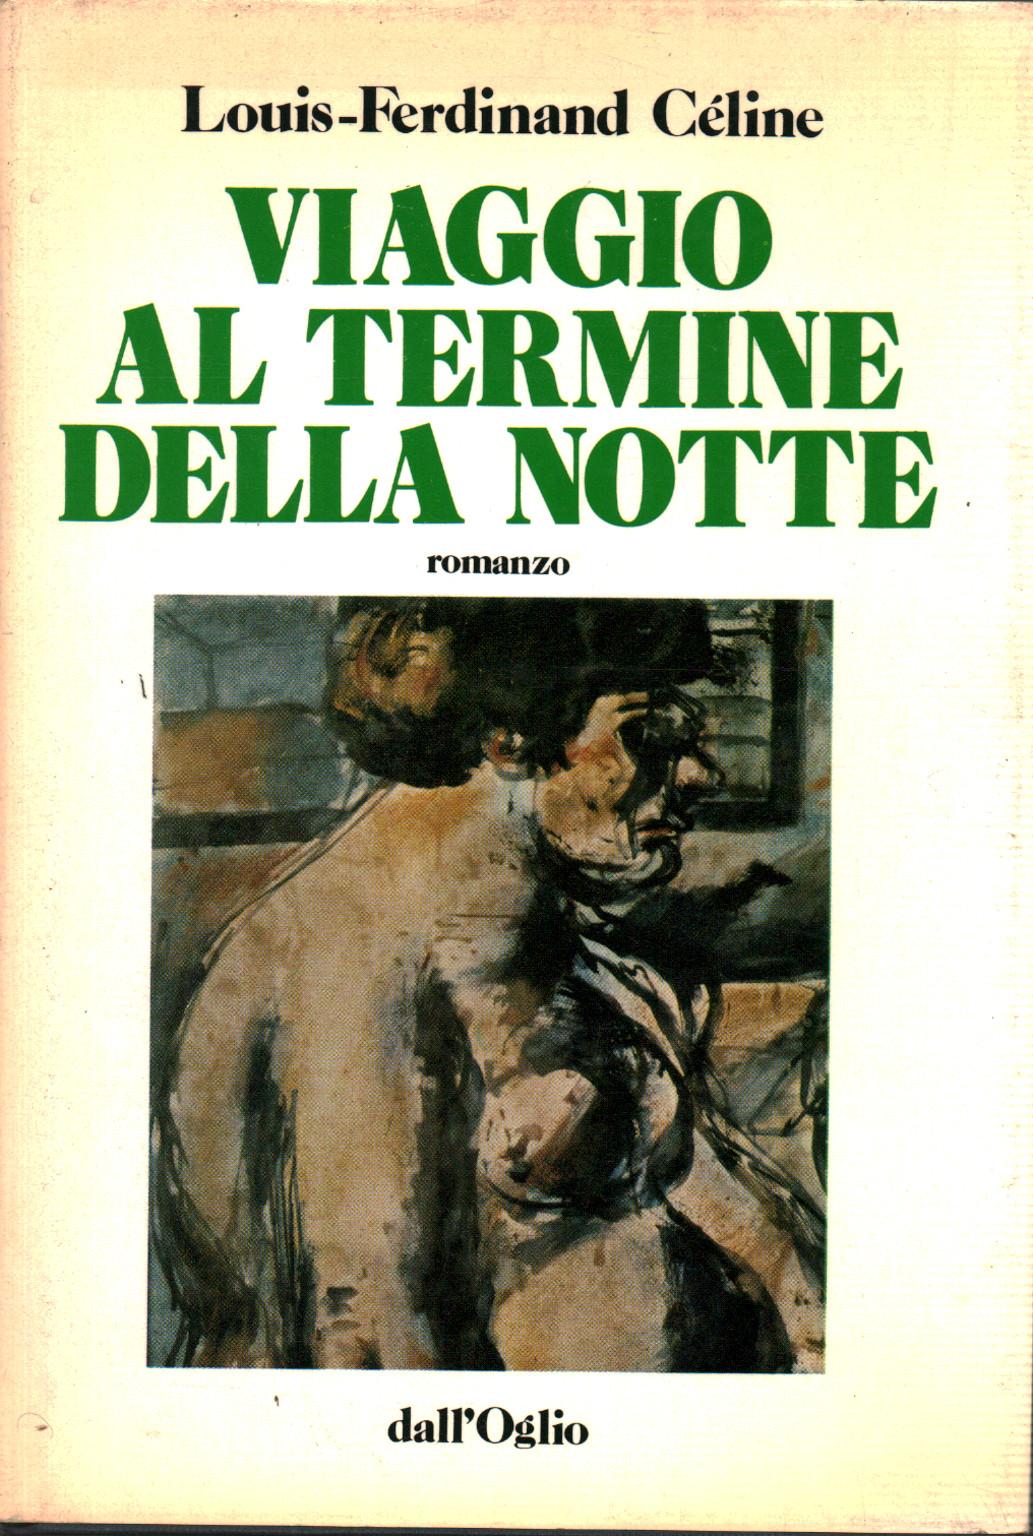 celine viaggio al termine della notte  Viaggio al termine della notte - Louis-Ferdinand Céline - Narrativa ...